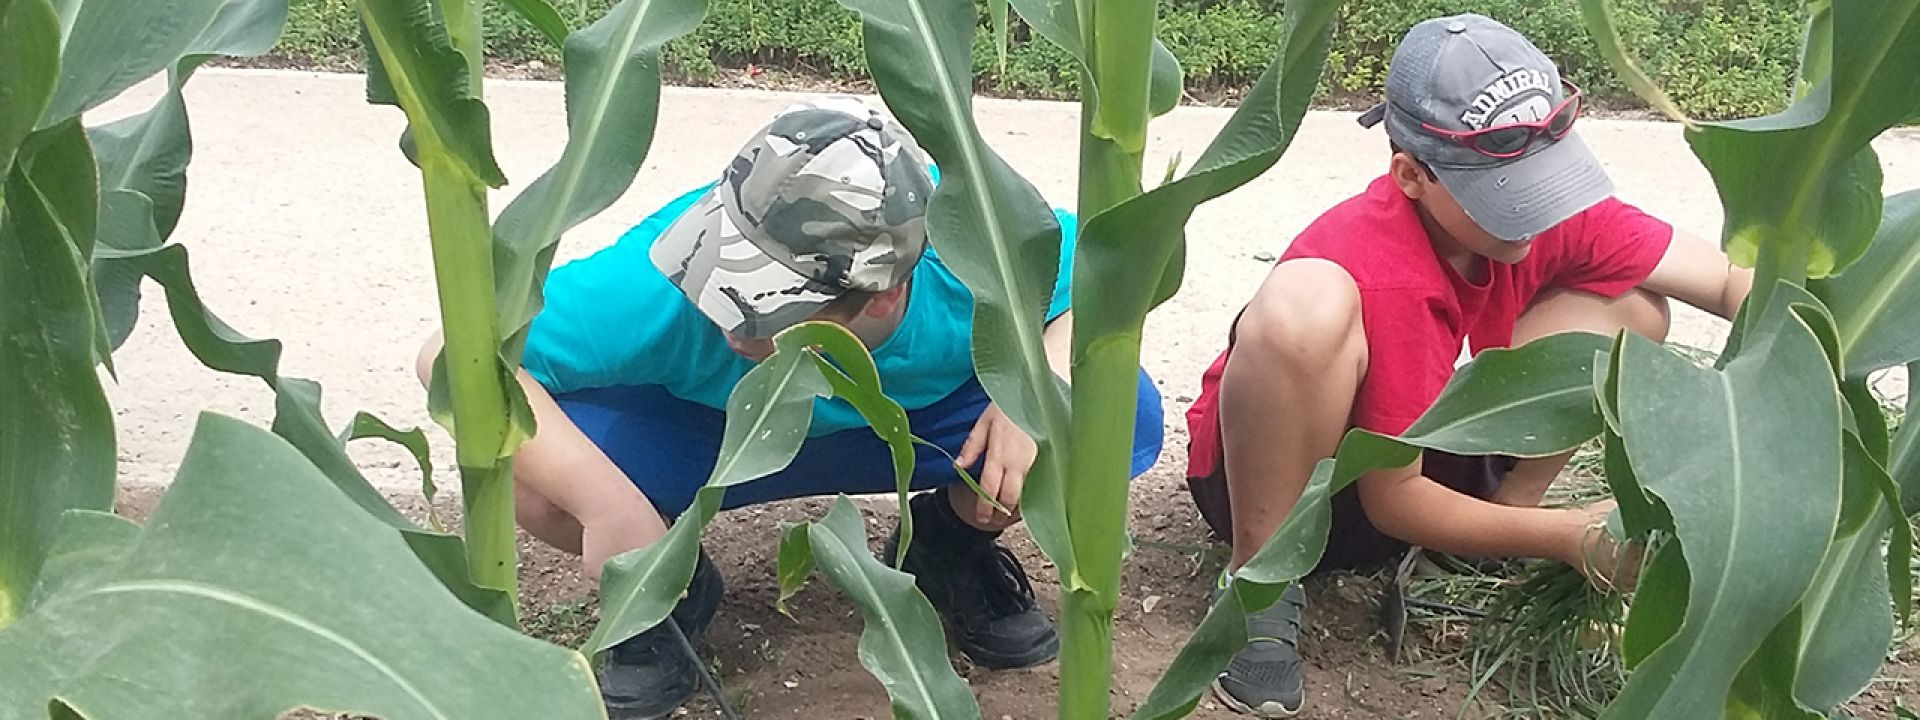 Φωτογραφία από παιδιά που εξερευνούν τα φυτά στο Πάρκο Σταύρος Νιάρχος